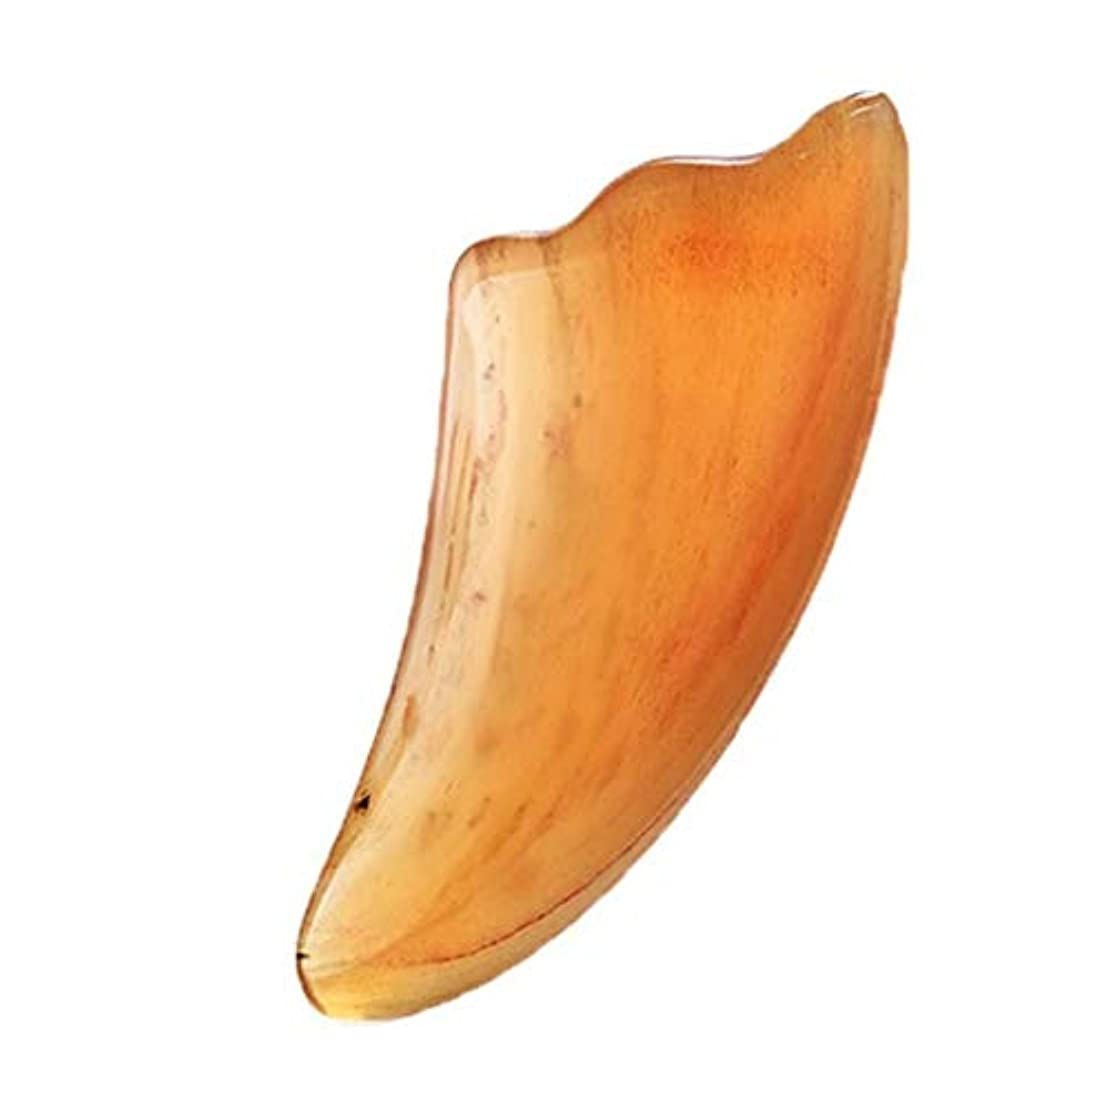 ベーシックベッドを作る習熟度グアシャマッサージツールフェイスヘッドスクレーピングバッファローホーングアシャスクレーパー、SPA理学療法ボードトリガーポイント鍼 (Color : 黄)